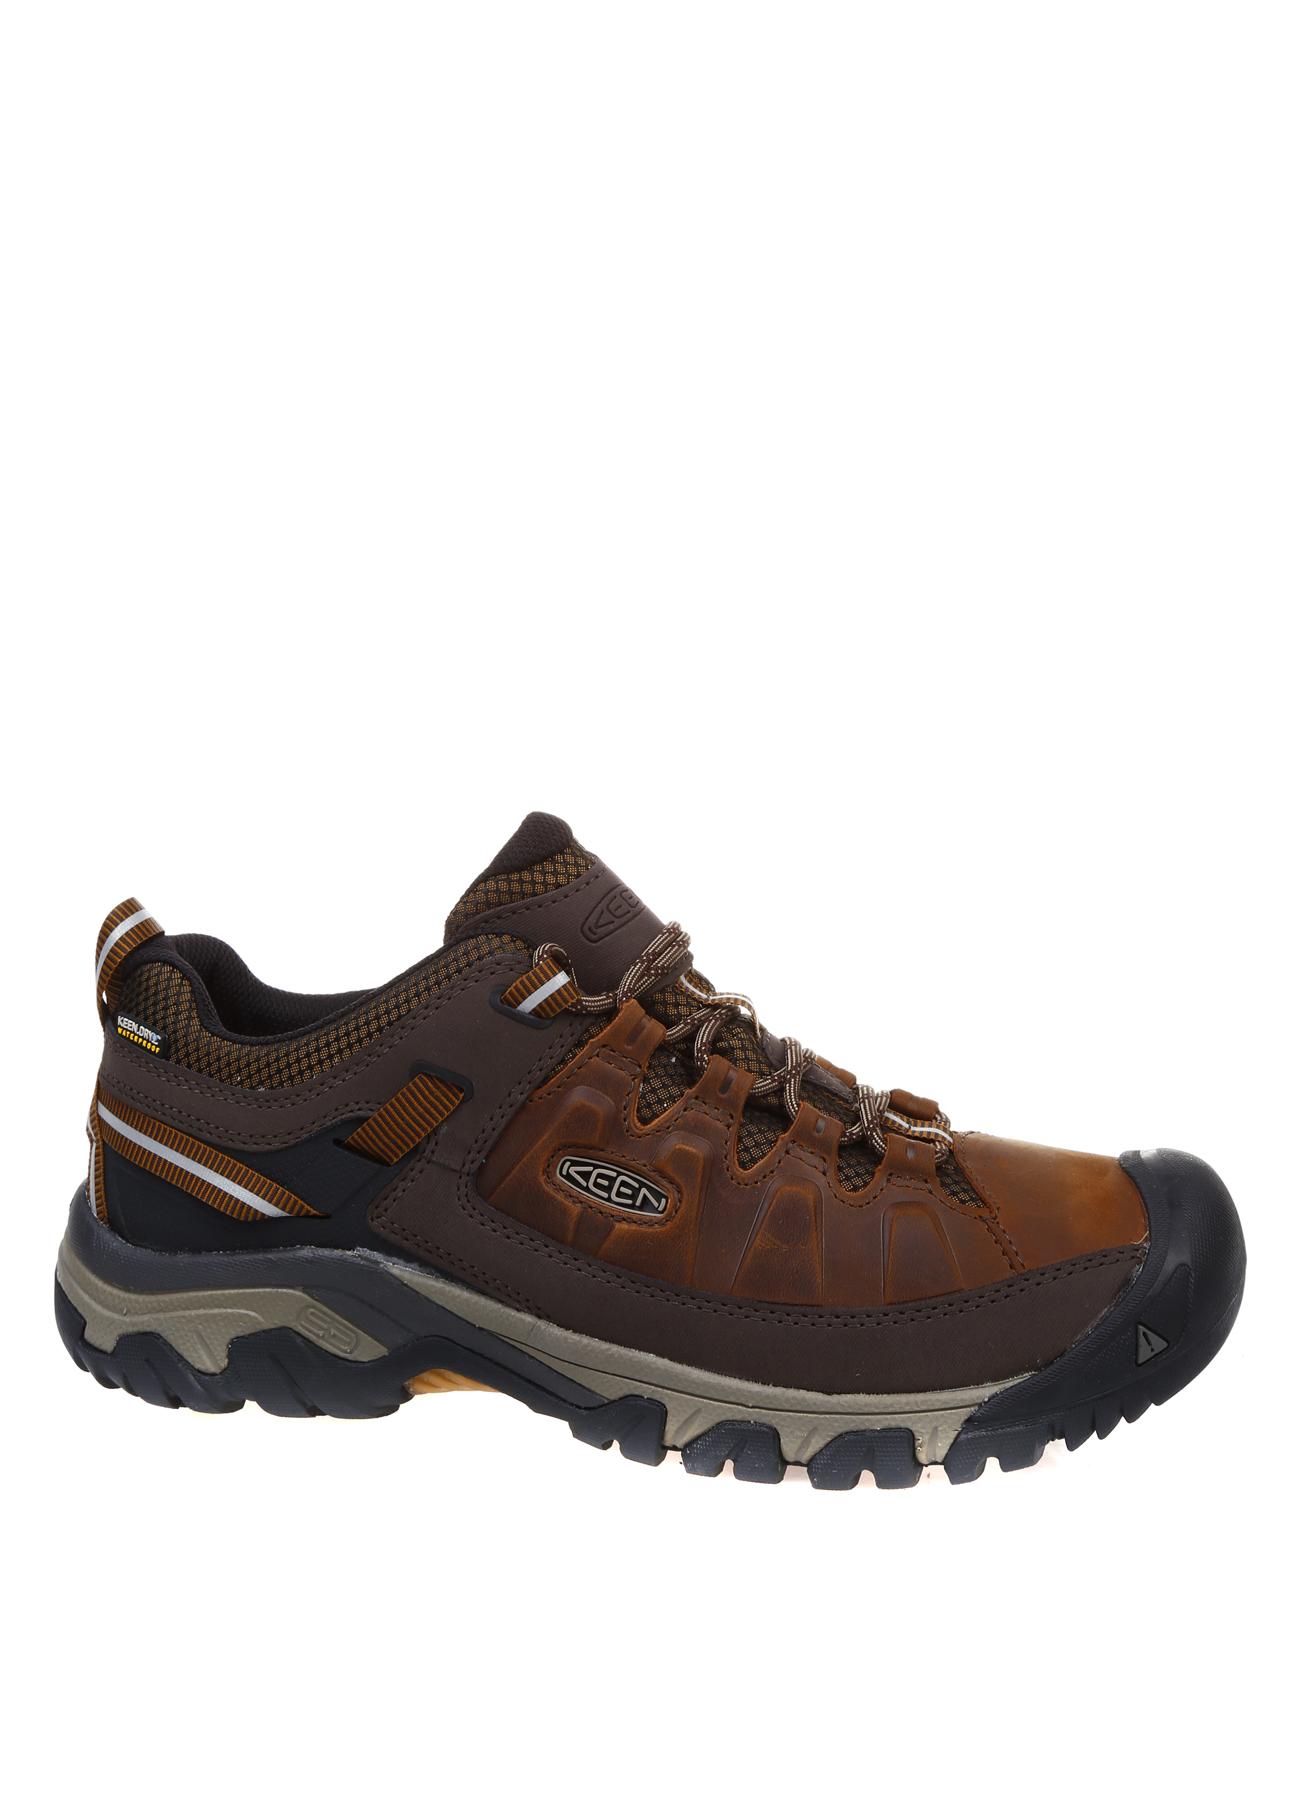 Keen Günlük Ayakkabı 41 5002324847001 Ürün Resmi